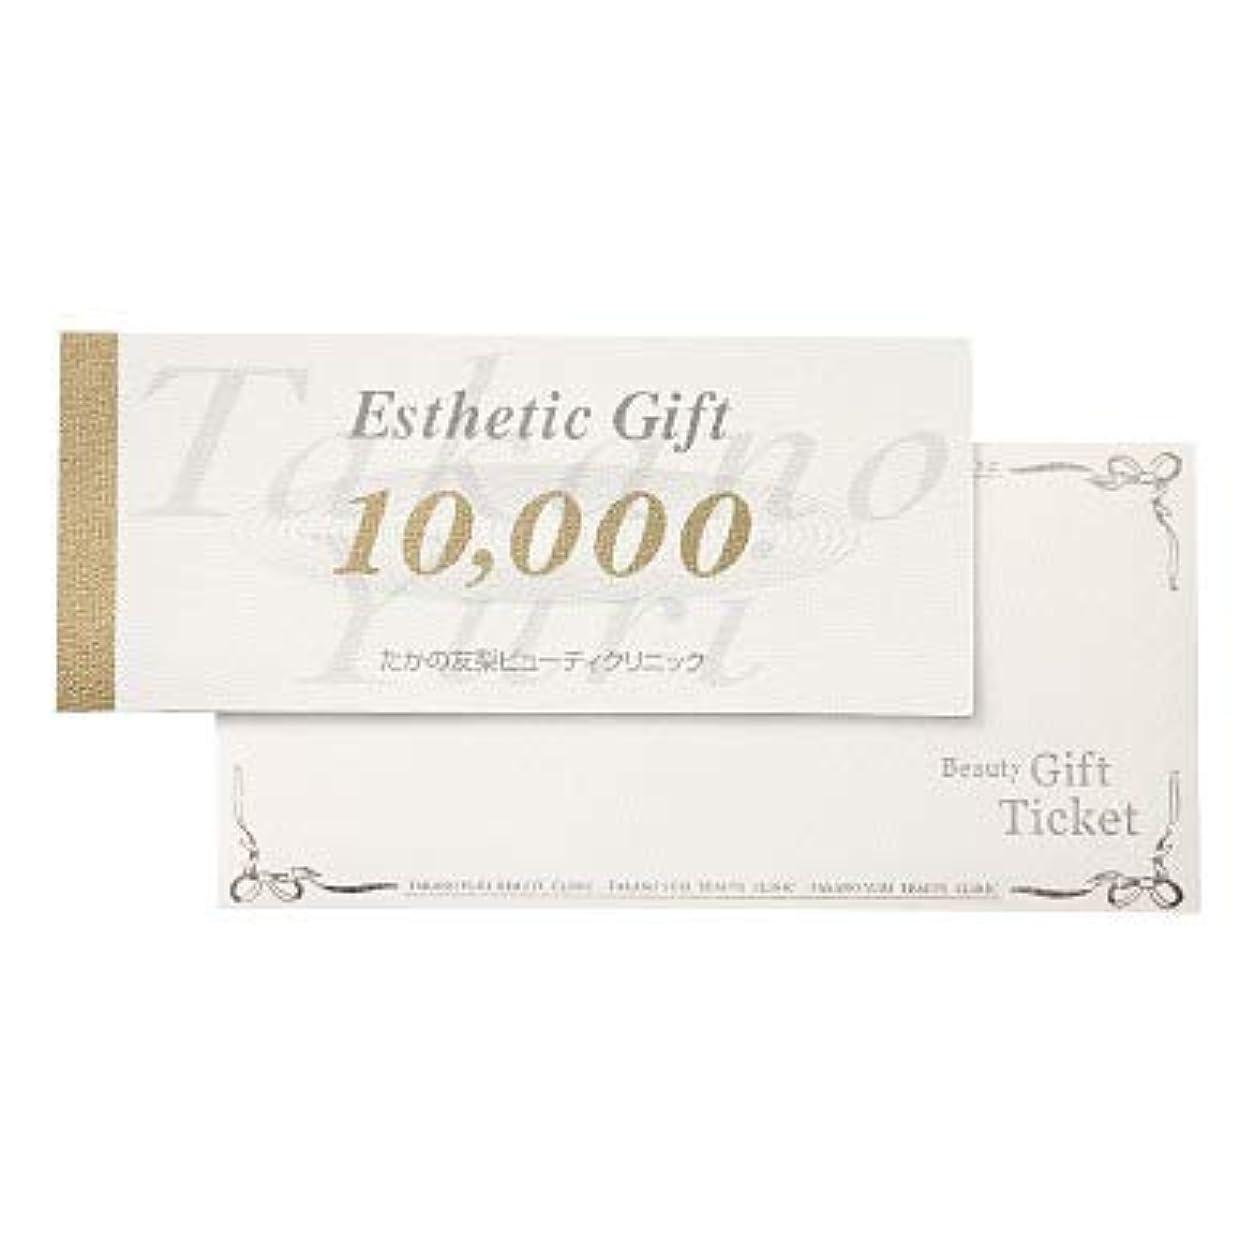 家庭教師高速道路万歳10,000円エステティックギフトチケット